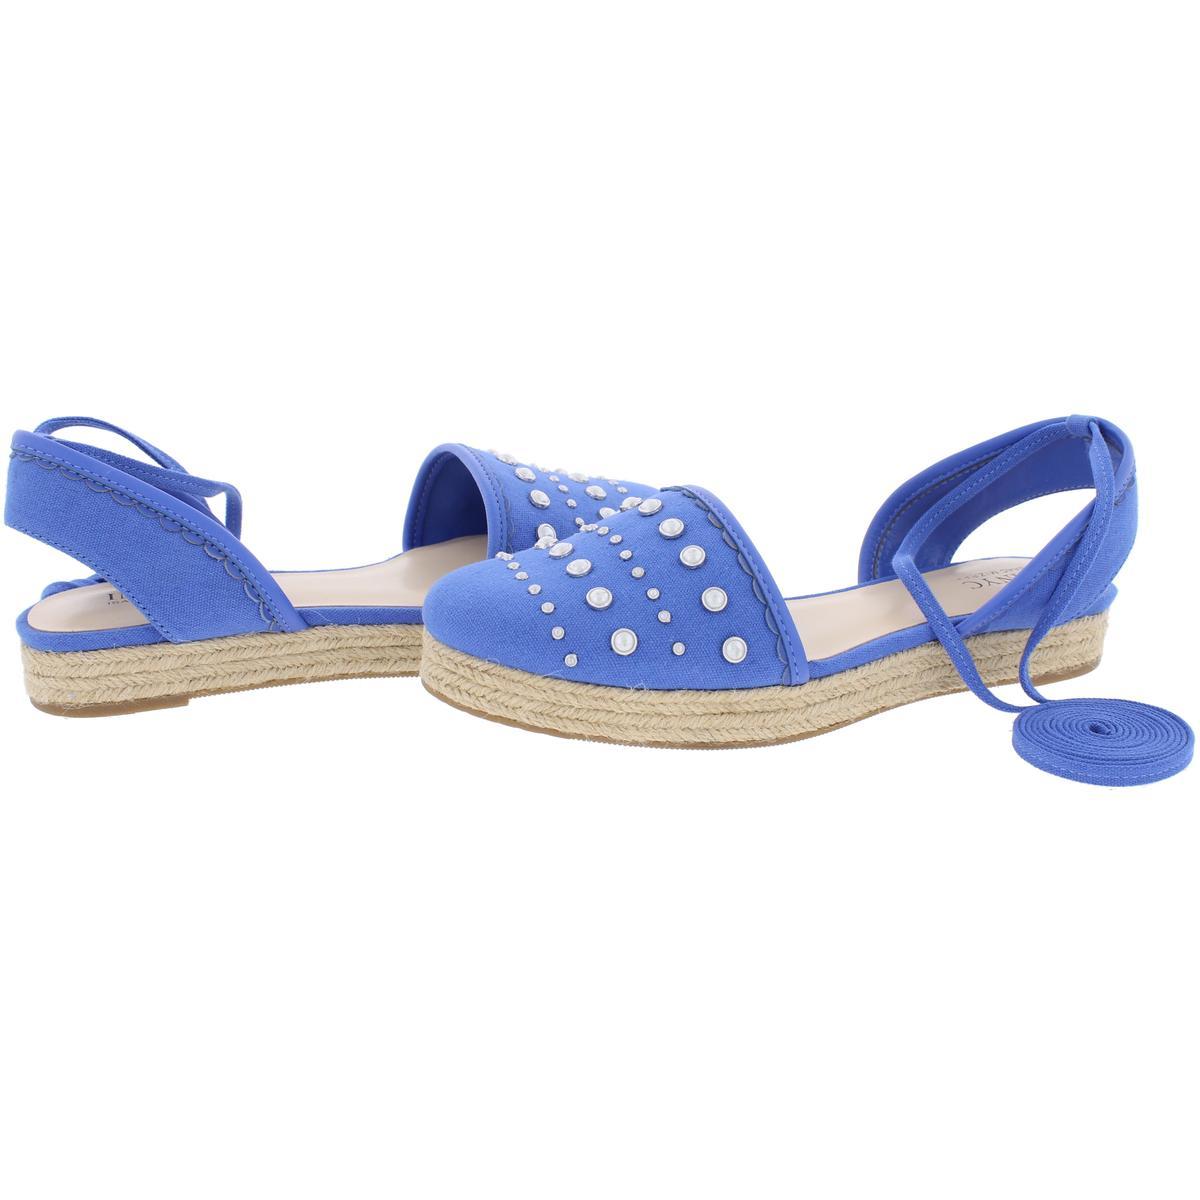 IMNYC-Isaac-Mizrahi-Womens-Hilda-Canvas-Flat-Sandals-Espadrilles-Shoes-BHFO-2640 thumbnail 8